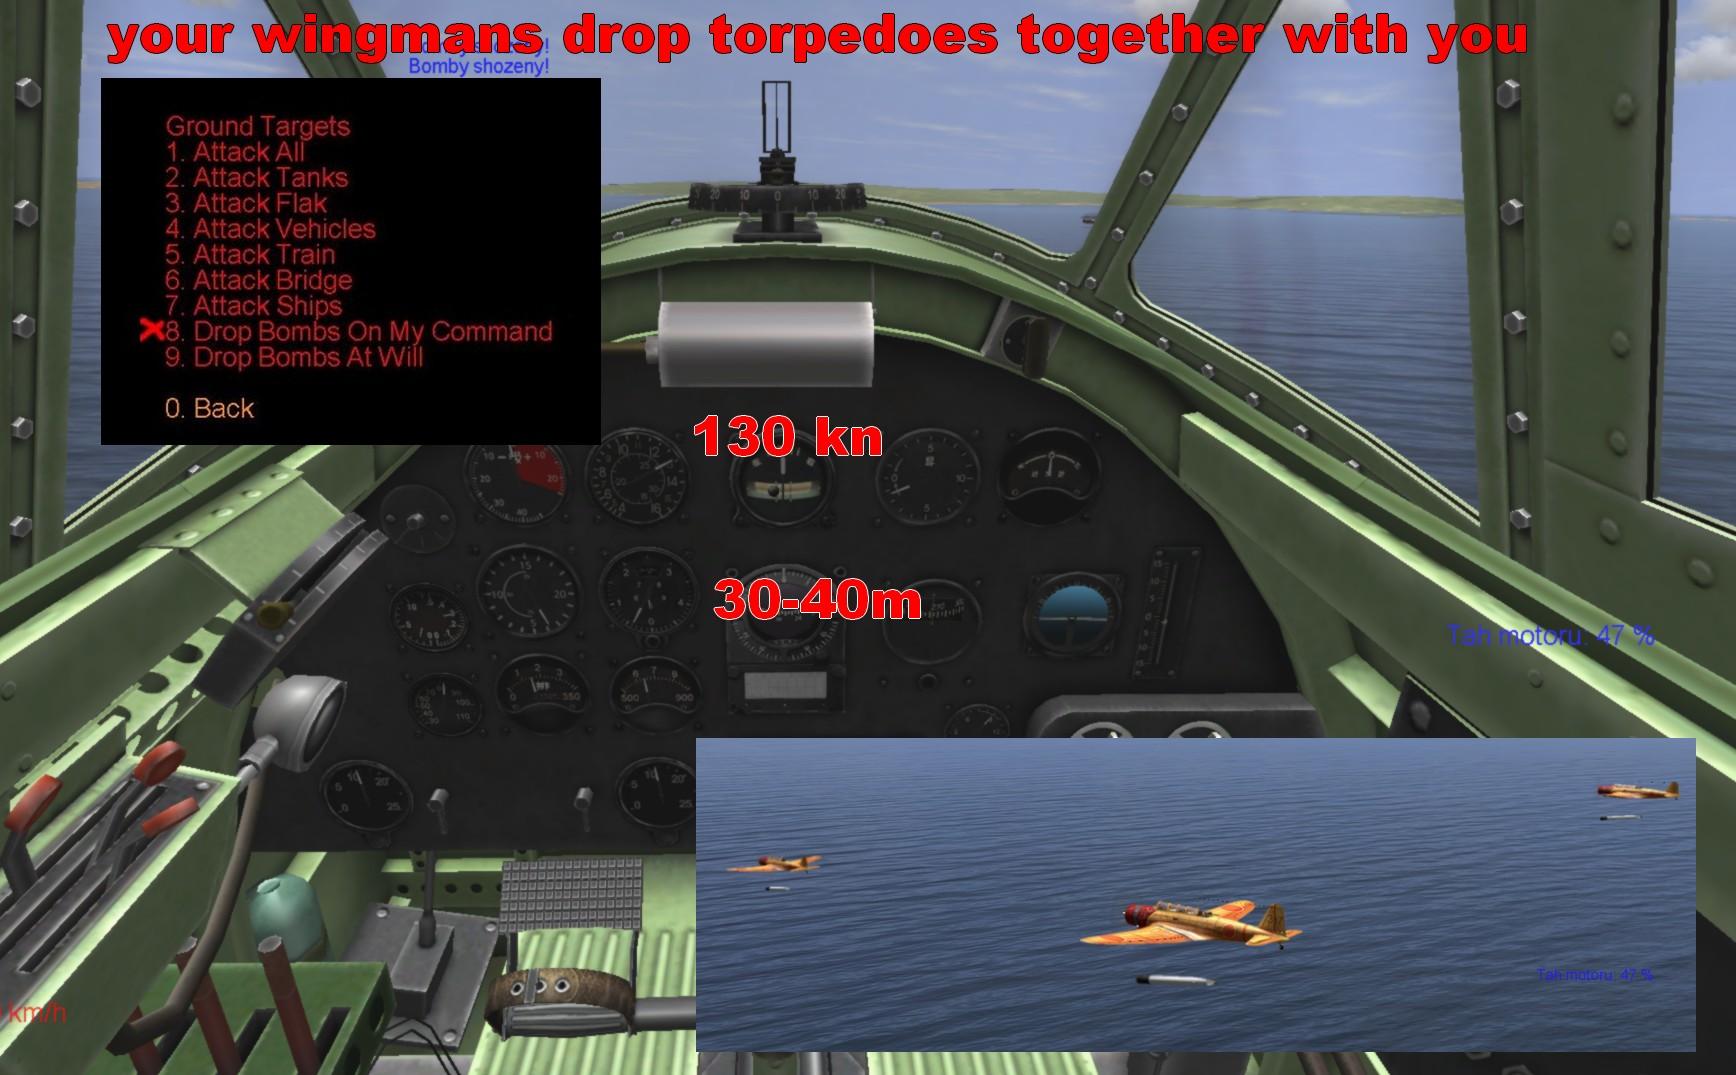 www.sturmovik1946.estranky.cz/img/original/2320/torpedoes.jpg